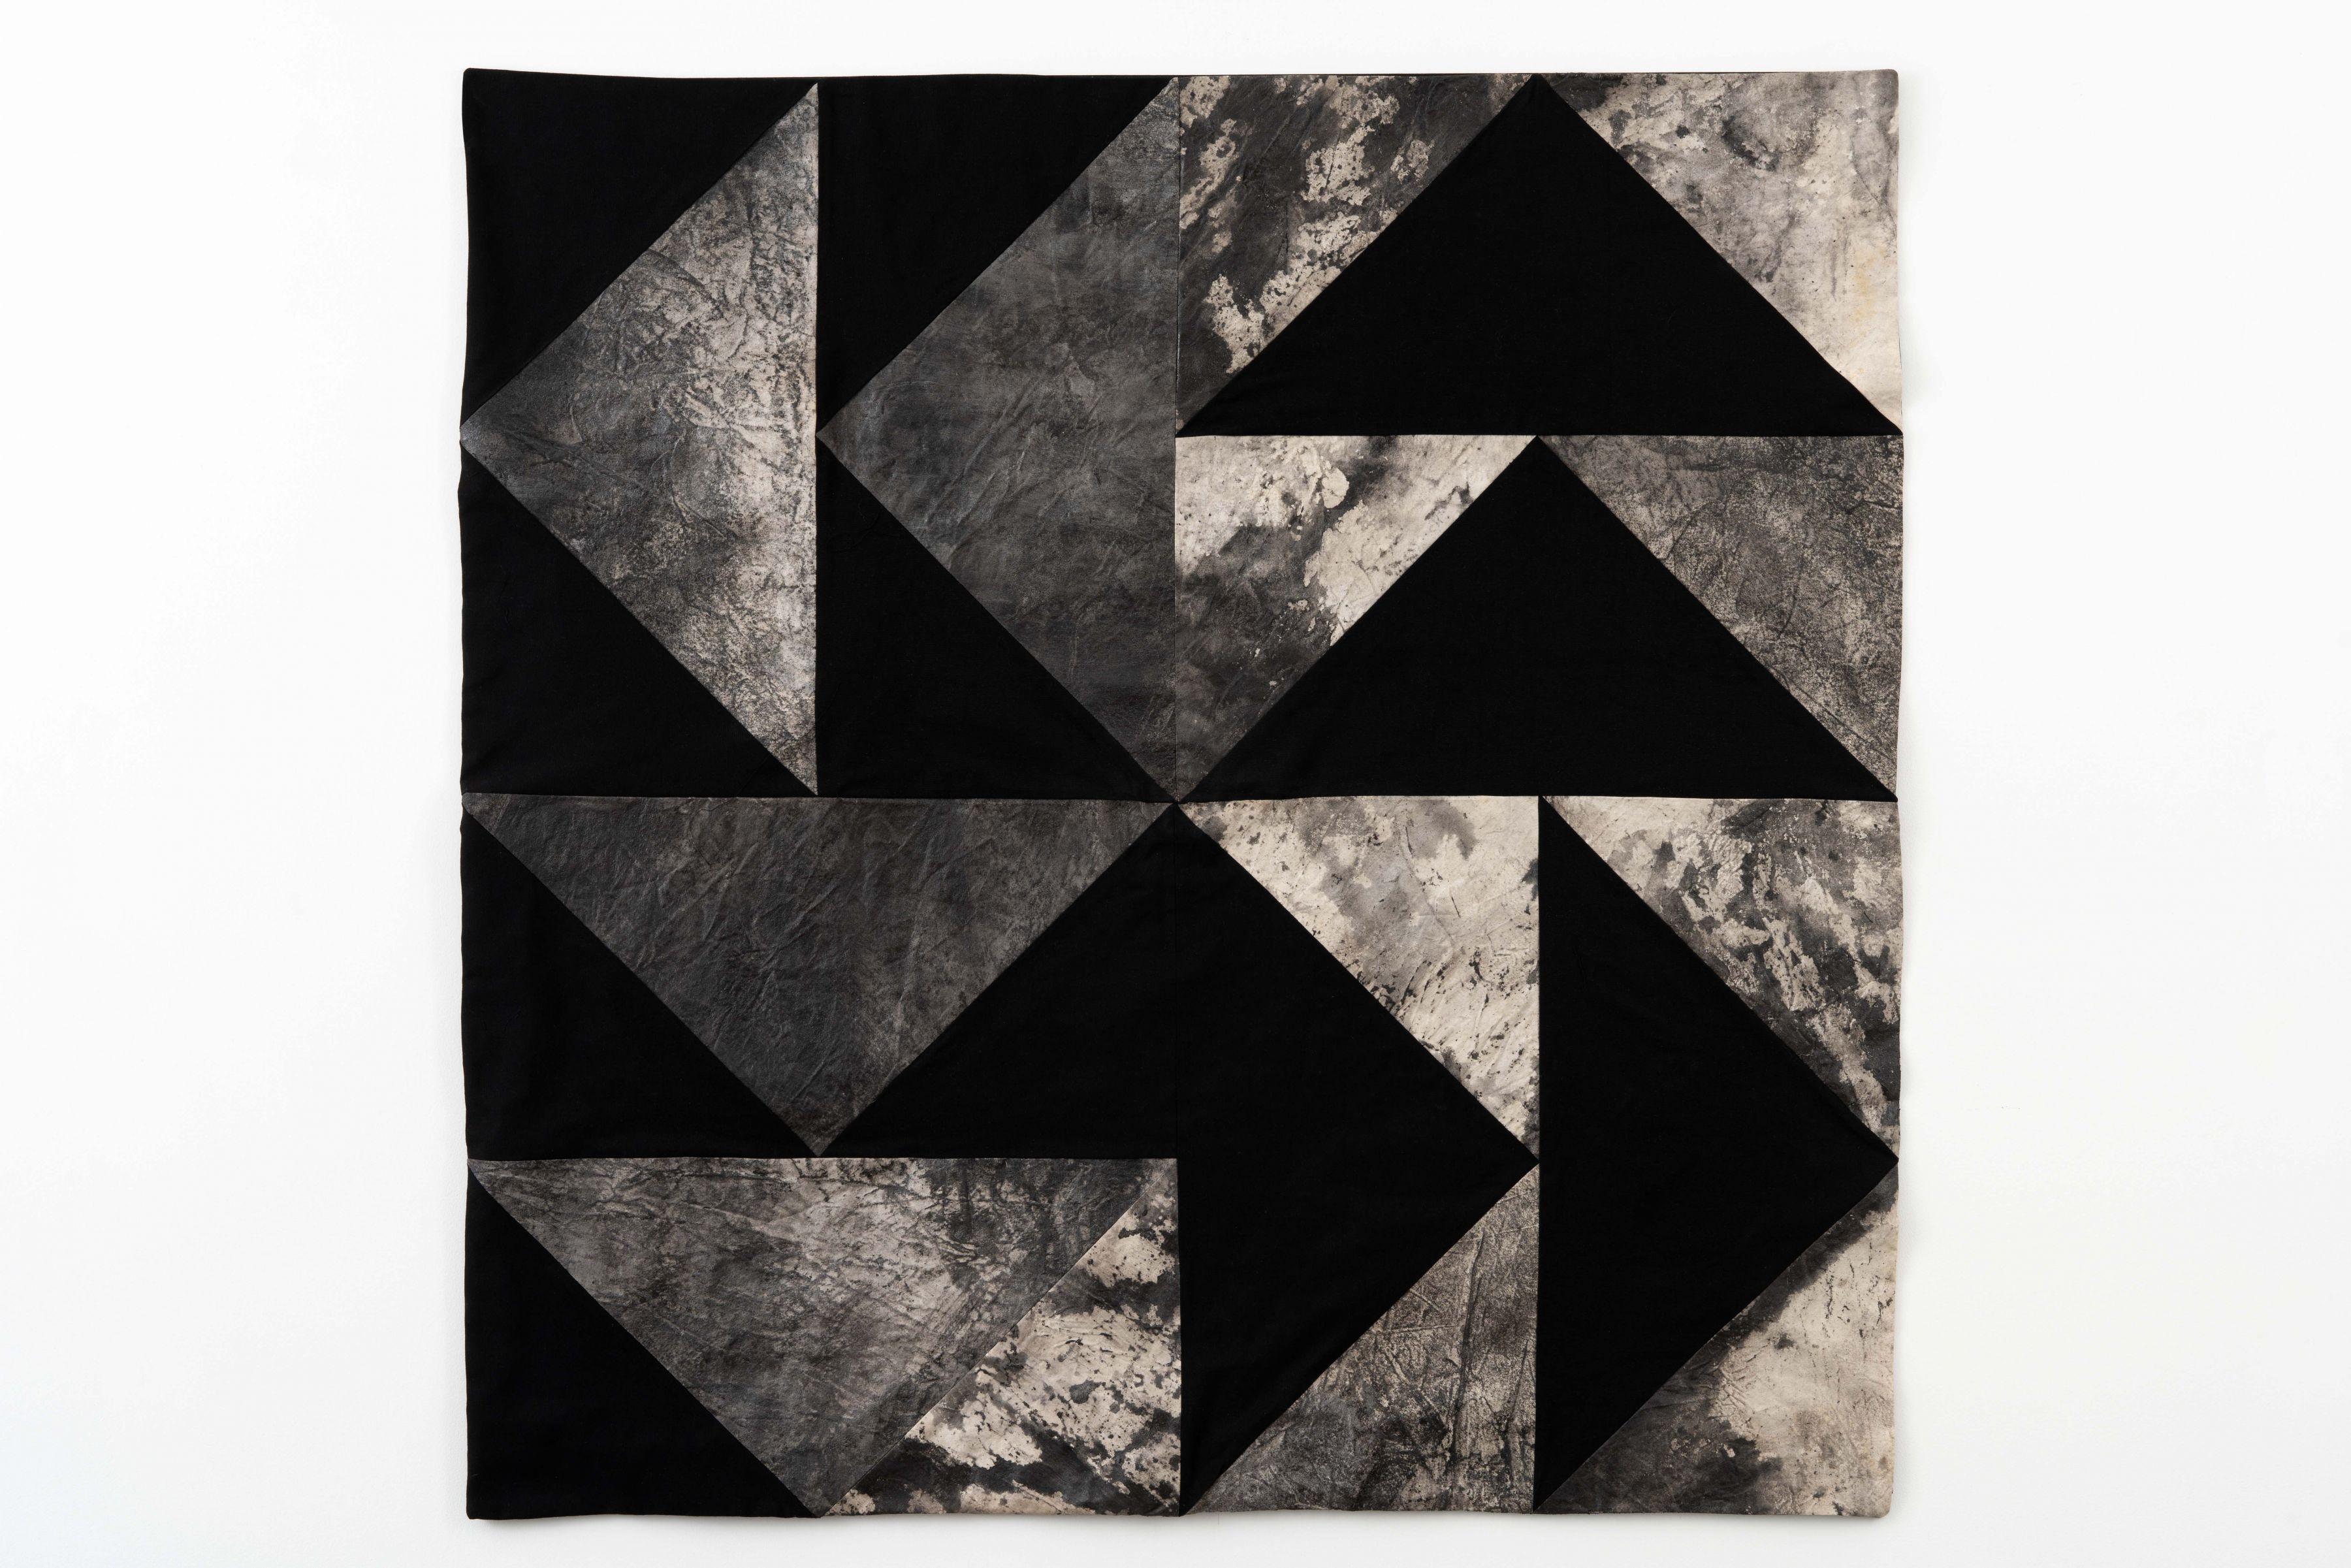 Kapwani Kiwanga | Triangulation (3)